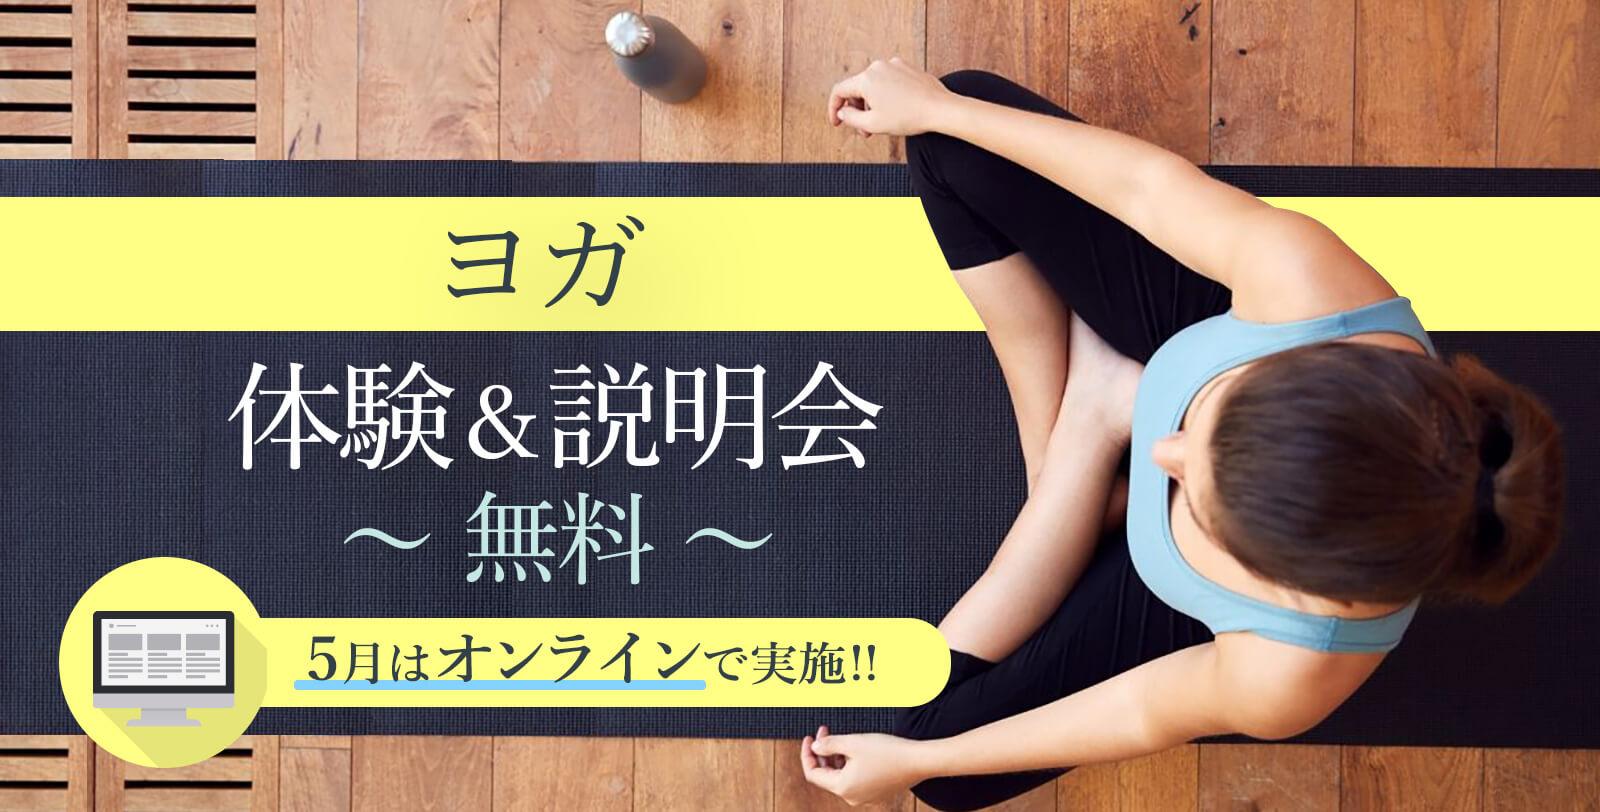 【オンライン】ヨガ無料体験・説明会